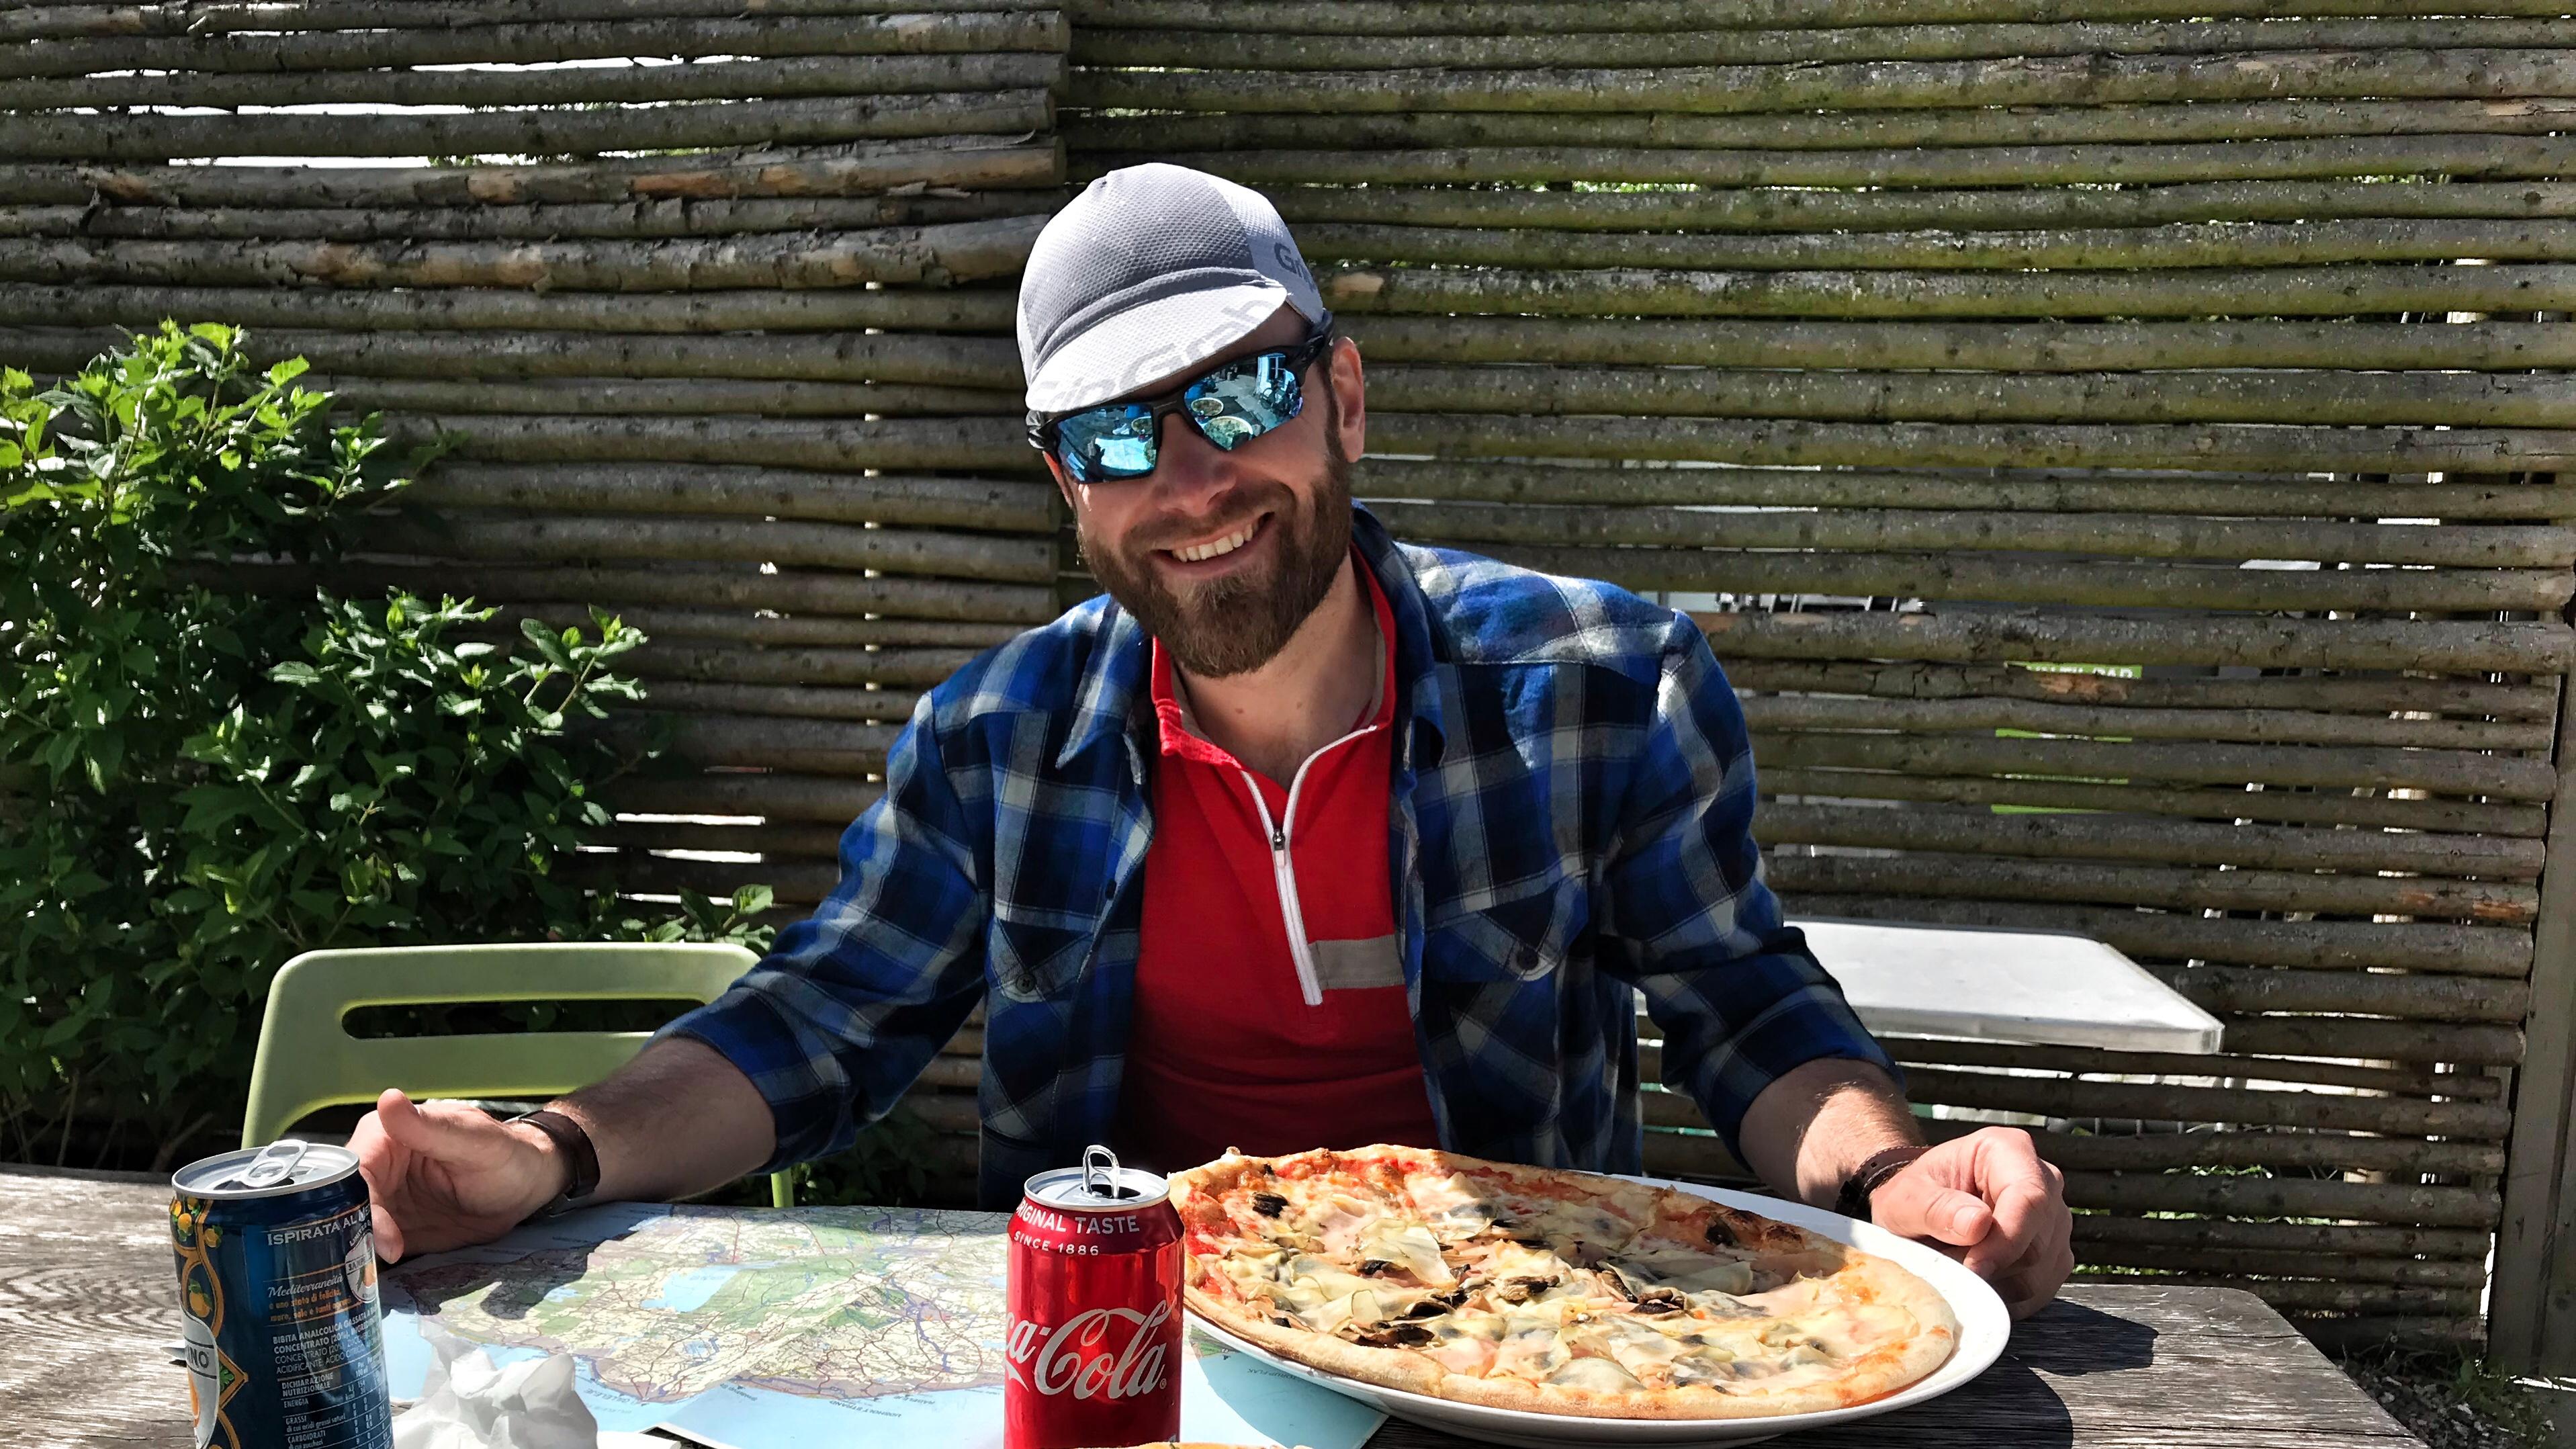 Pizza på Den Røde Tomat er i særklasse lækkert. Måske hjalp det også med sol, cykelben og godt selskab.